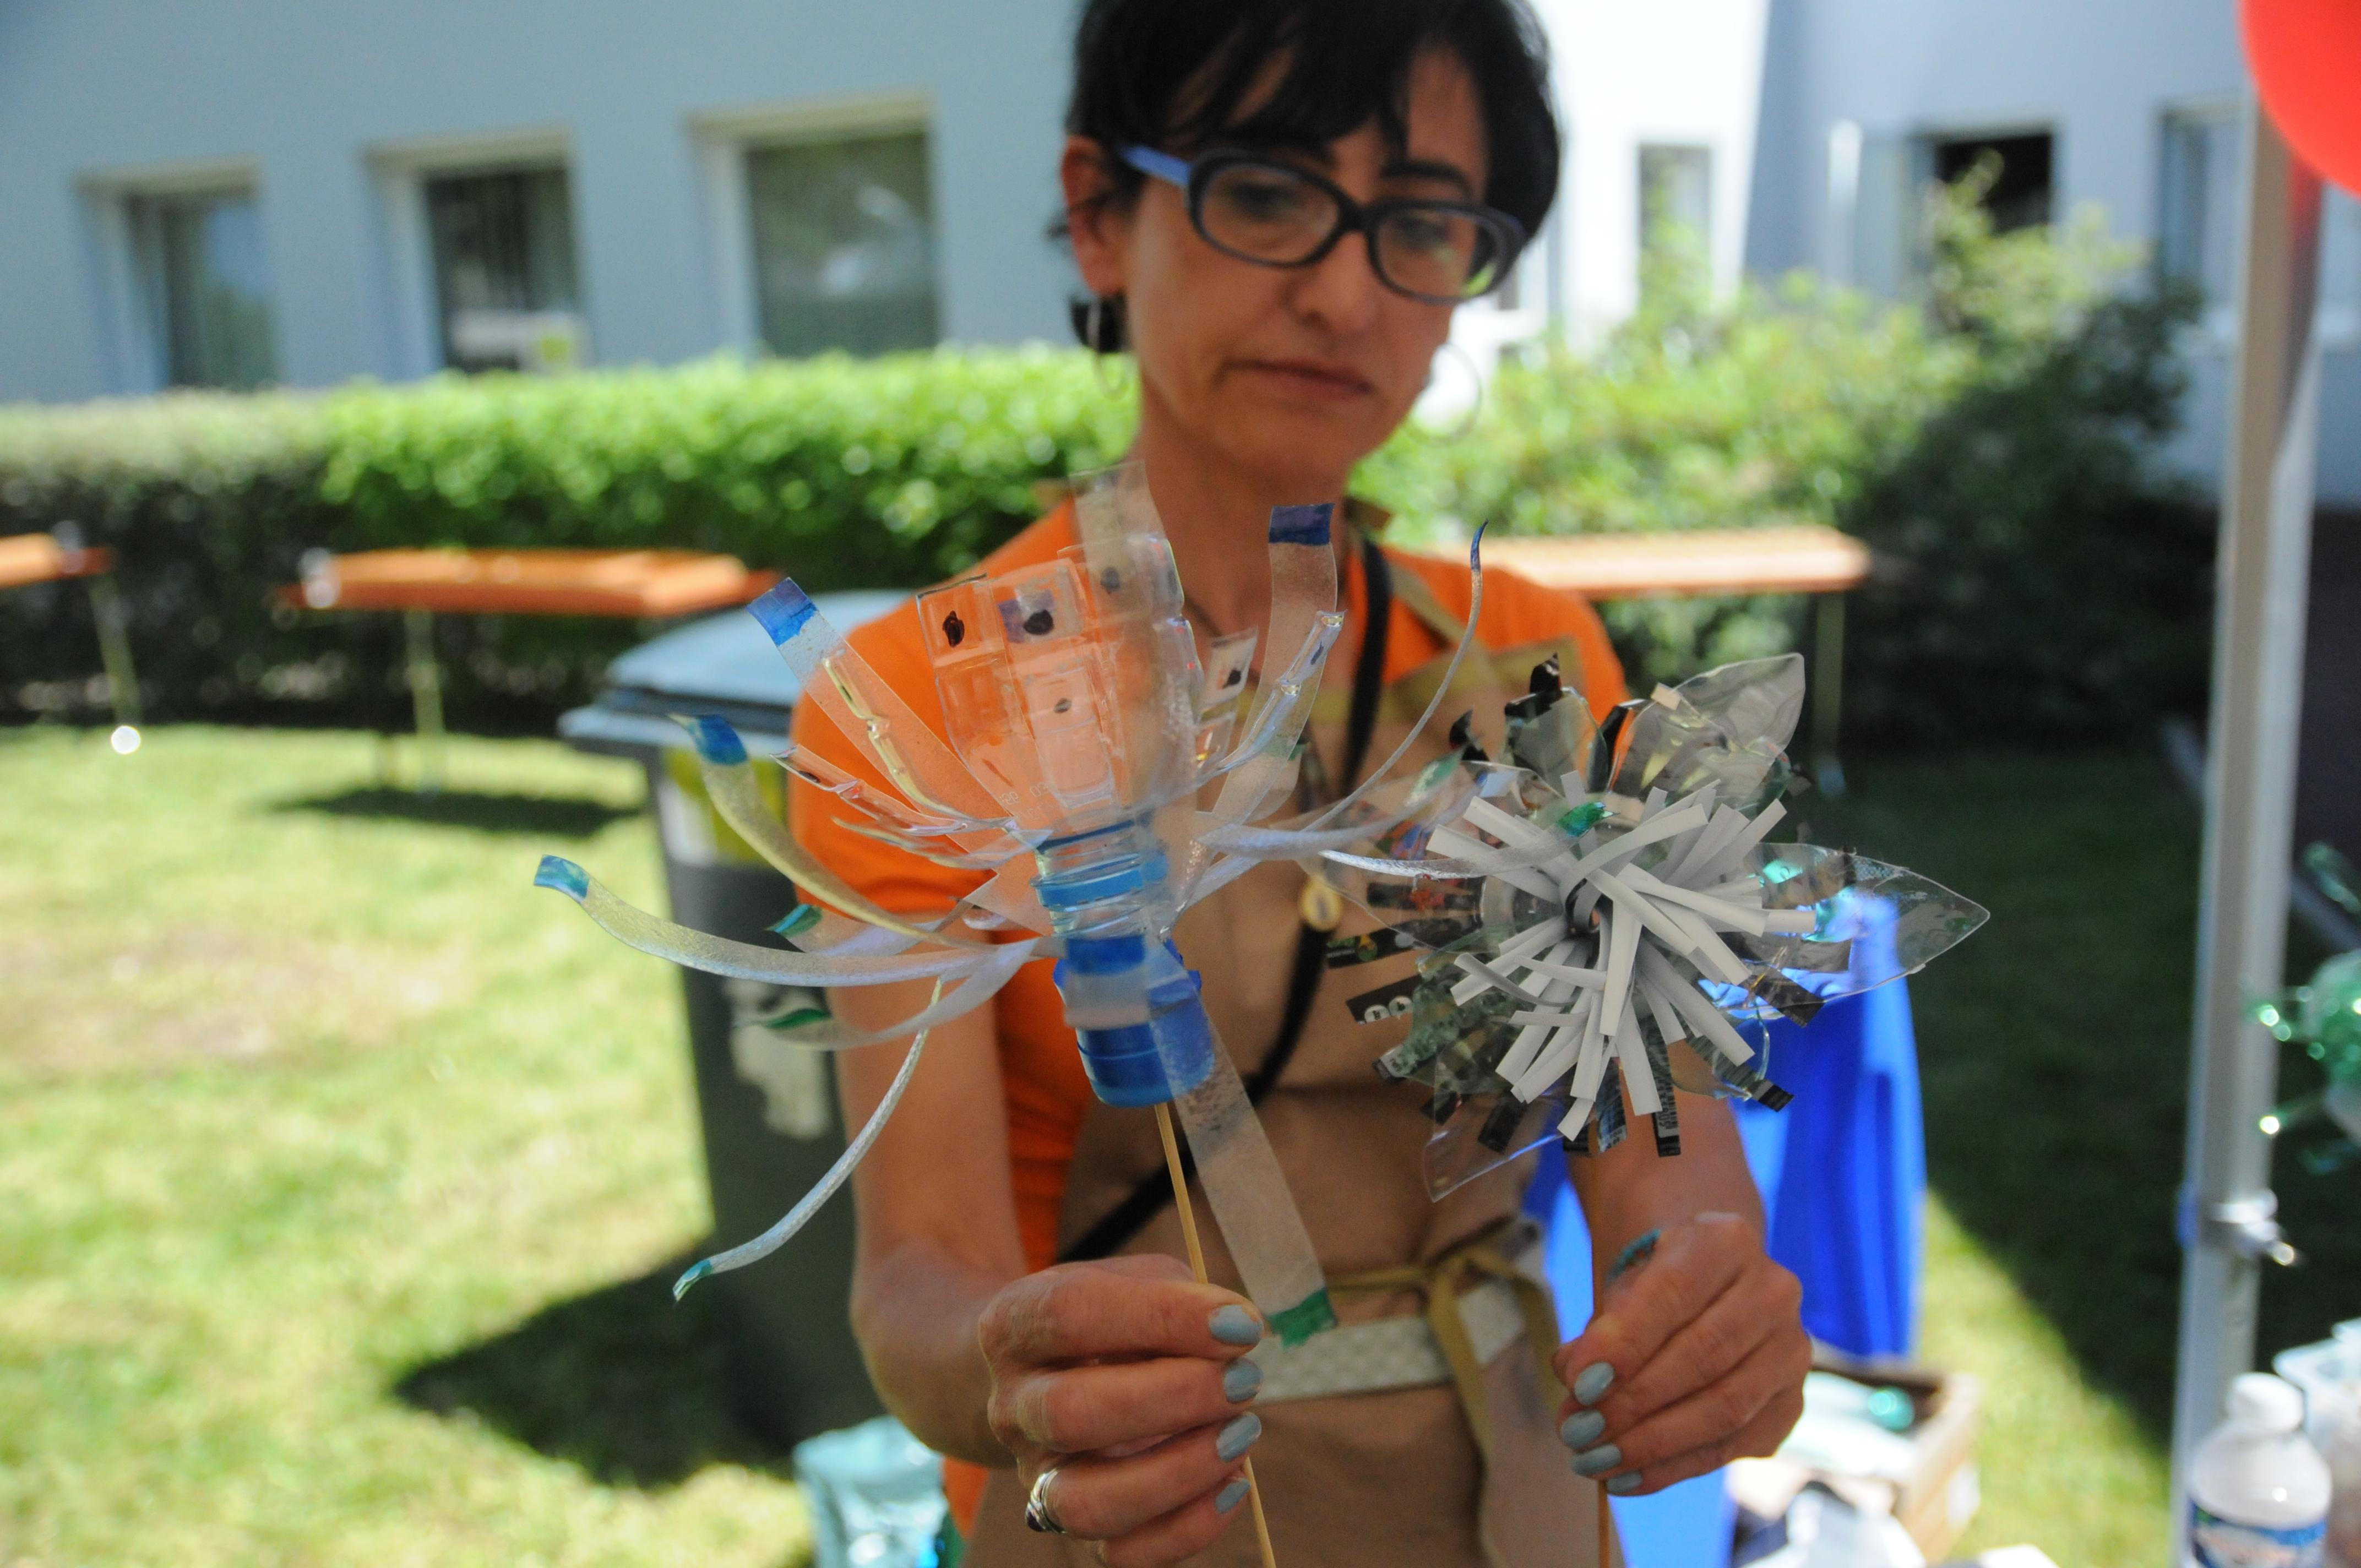 Atelier participatif Fleur Recyclée